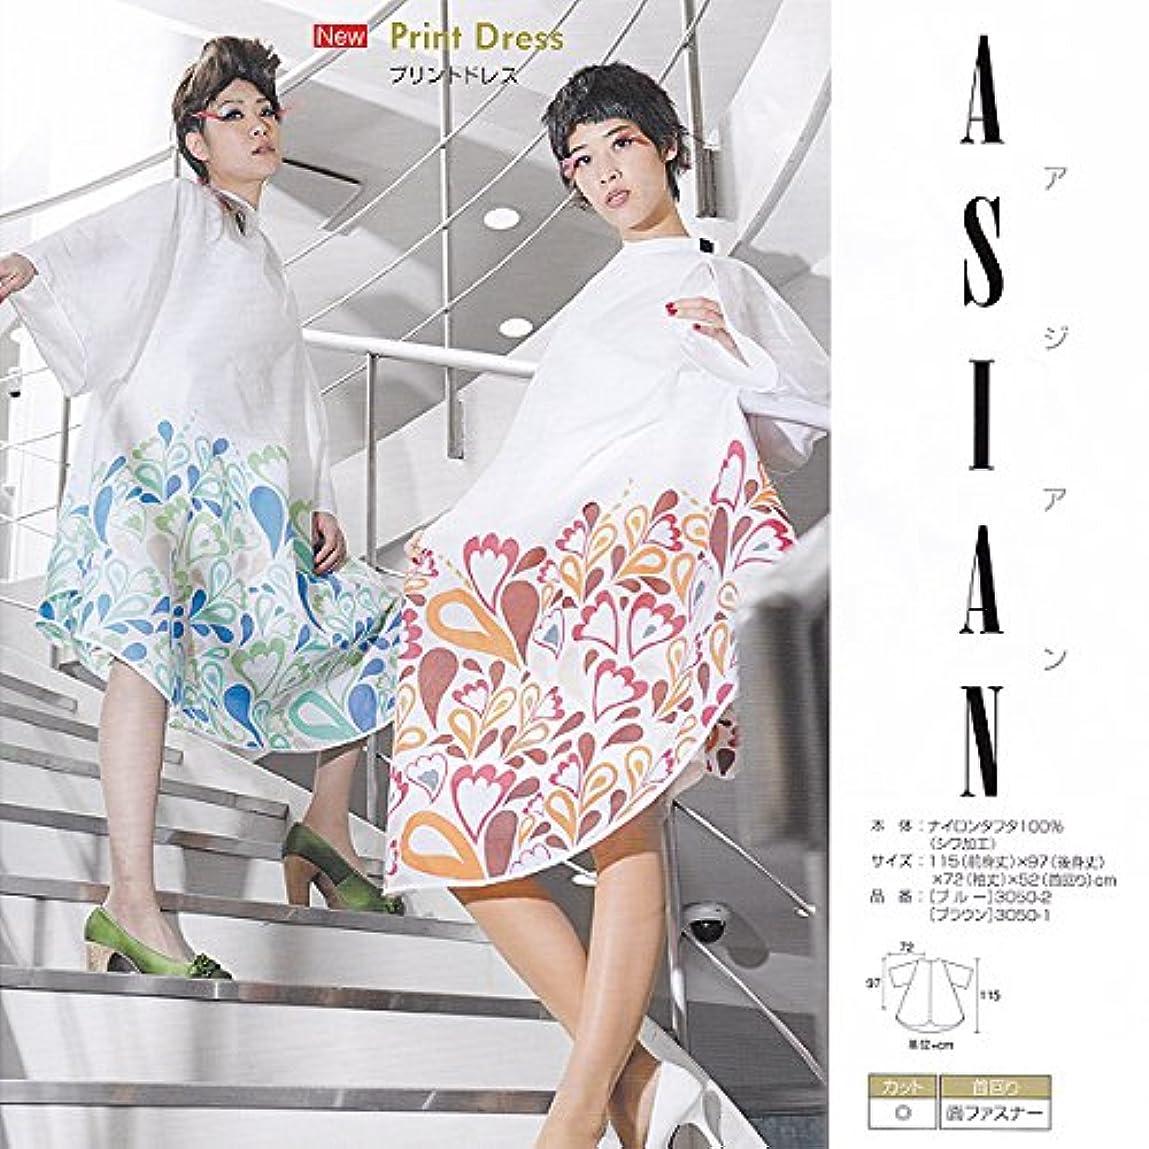 異常な忘れっぽいバレーボールWAKO ASIAN アジアンプリントドレス №3050 3050-2(アジアンブルー) 115(前身丈)×97(後身丈)×72(袖丈)×52(首回リ)